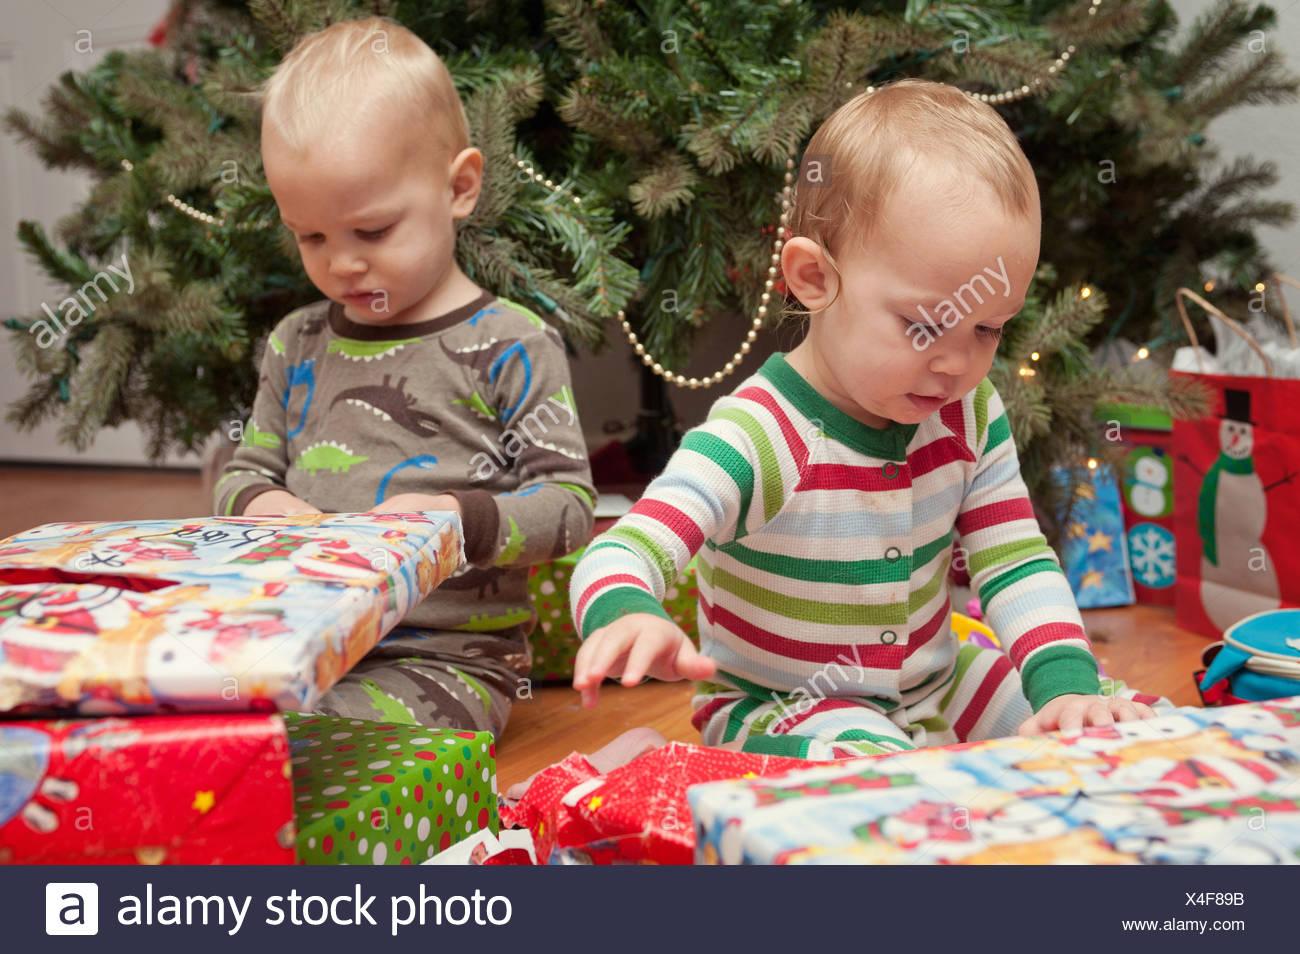 Bruder und Schwester Blick auf Weihnachtsgeschenke Stockfoto, Bild ...